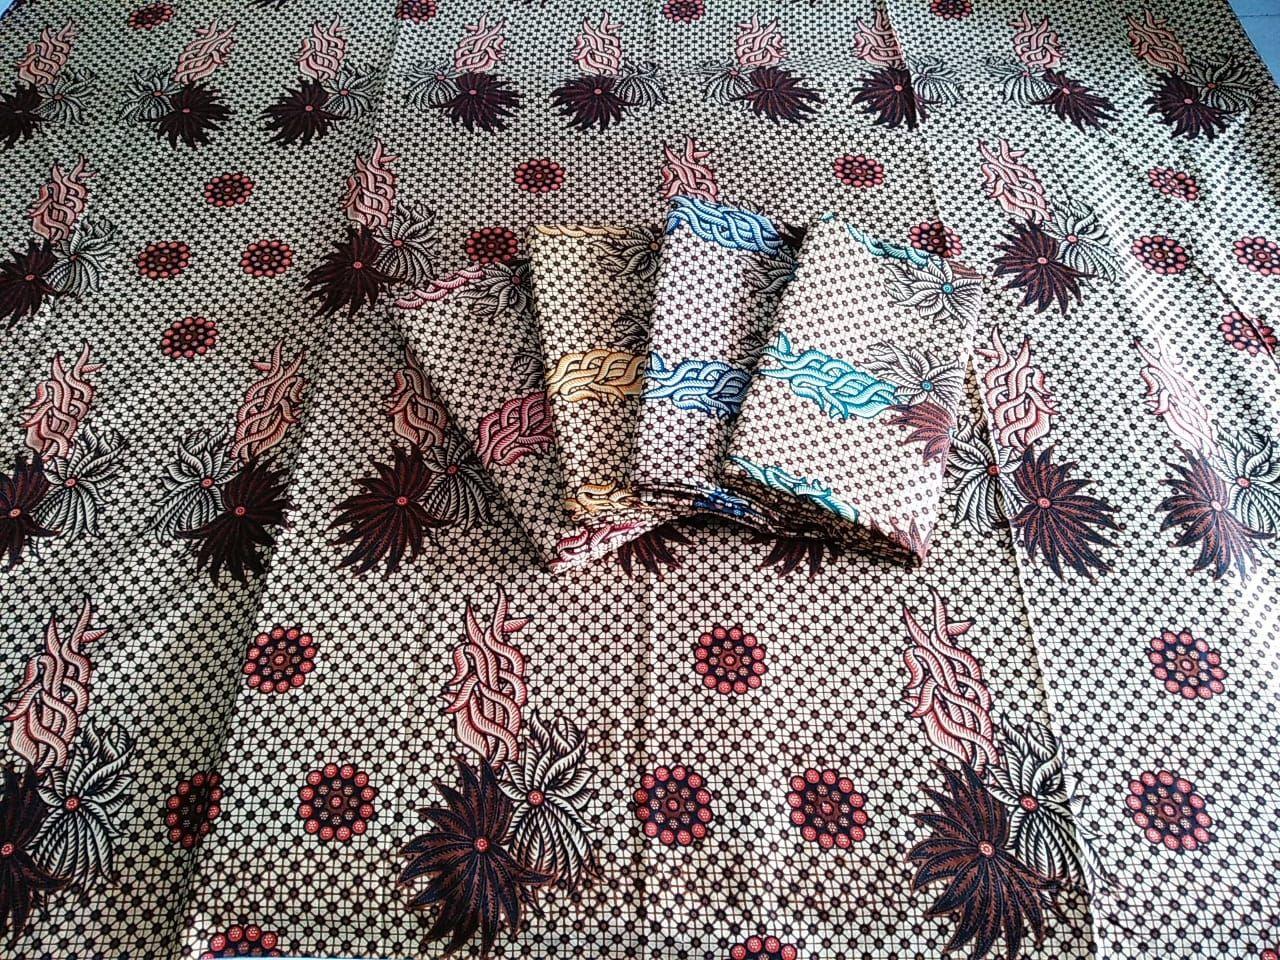 kain batik motif sogan berbagai pilihan warna